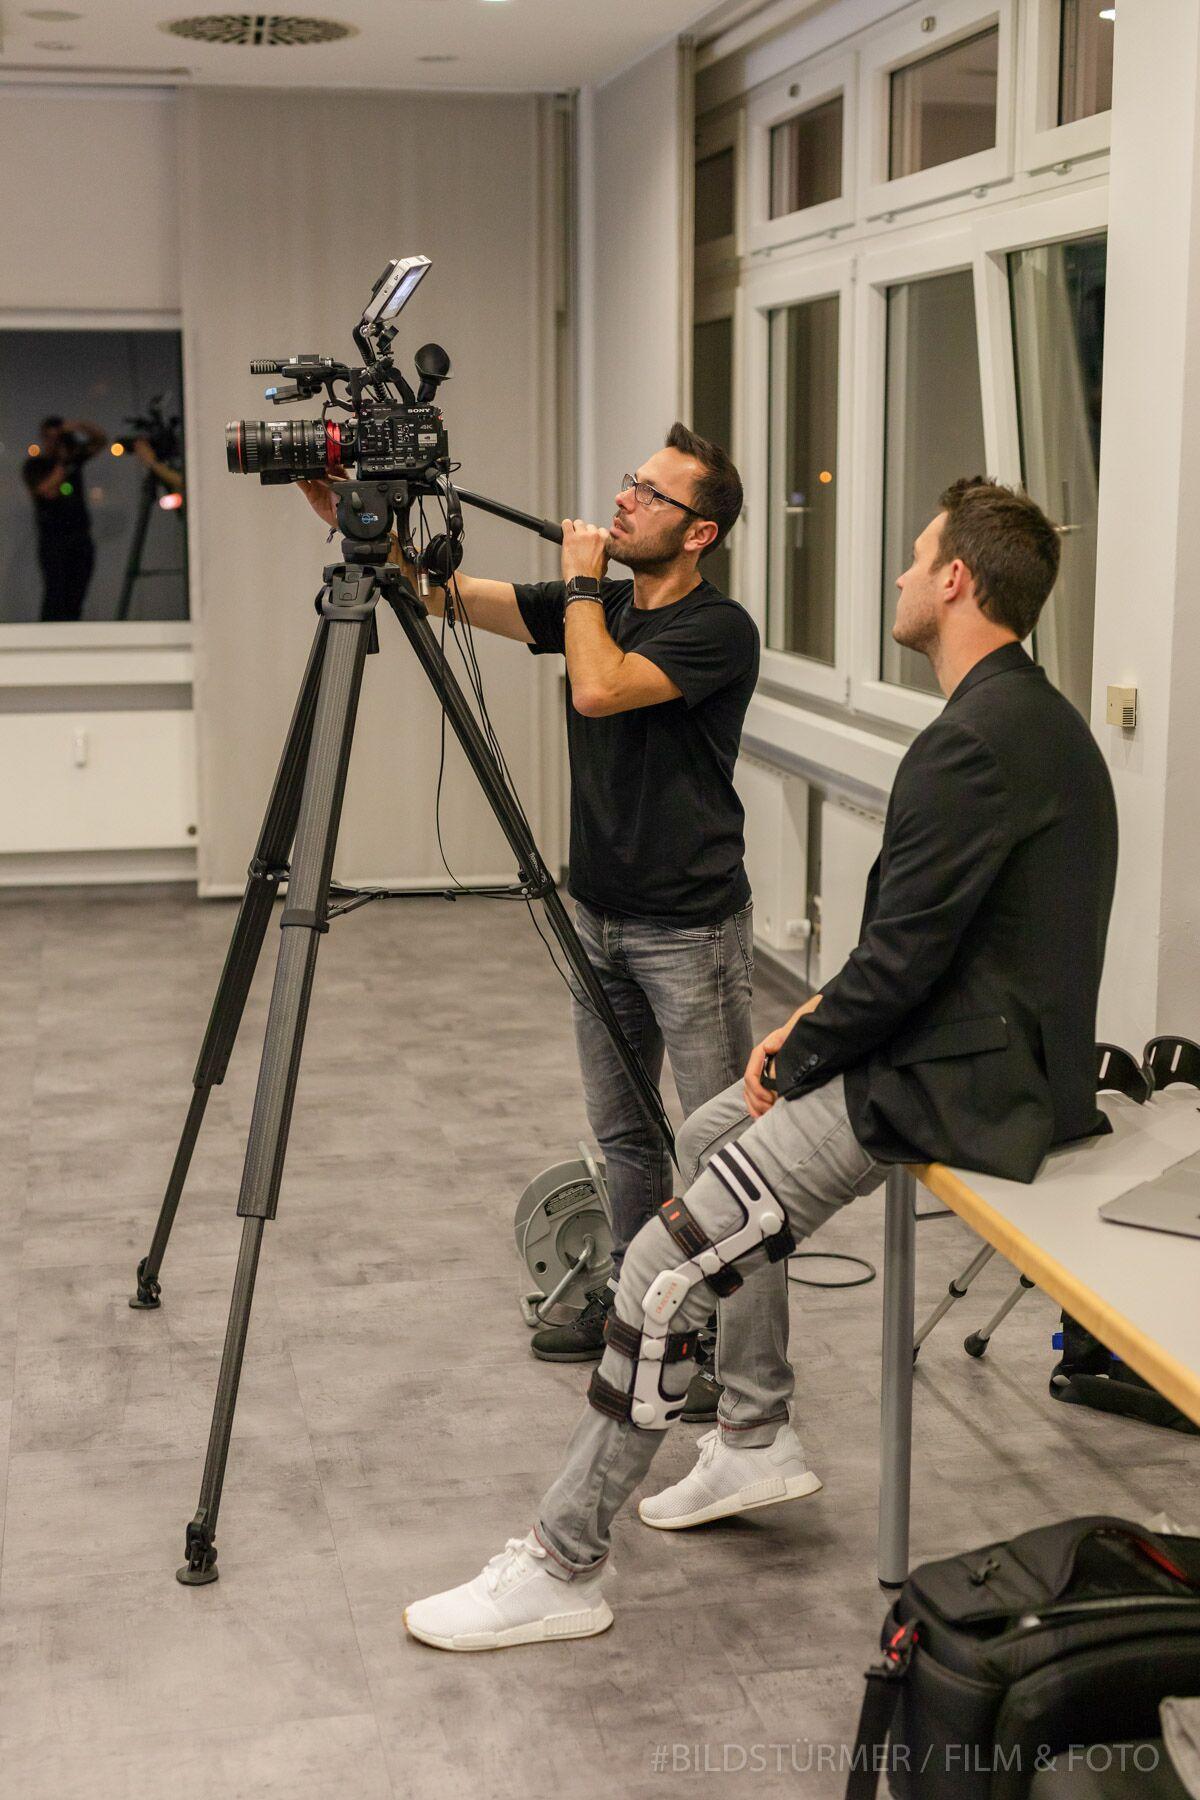 Bildstürmer: Videoproduzent Julian Witteborn (rechts) und Fotograf Salih Usta, die Bildstürmer, streamten live auf Facebook